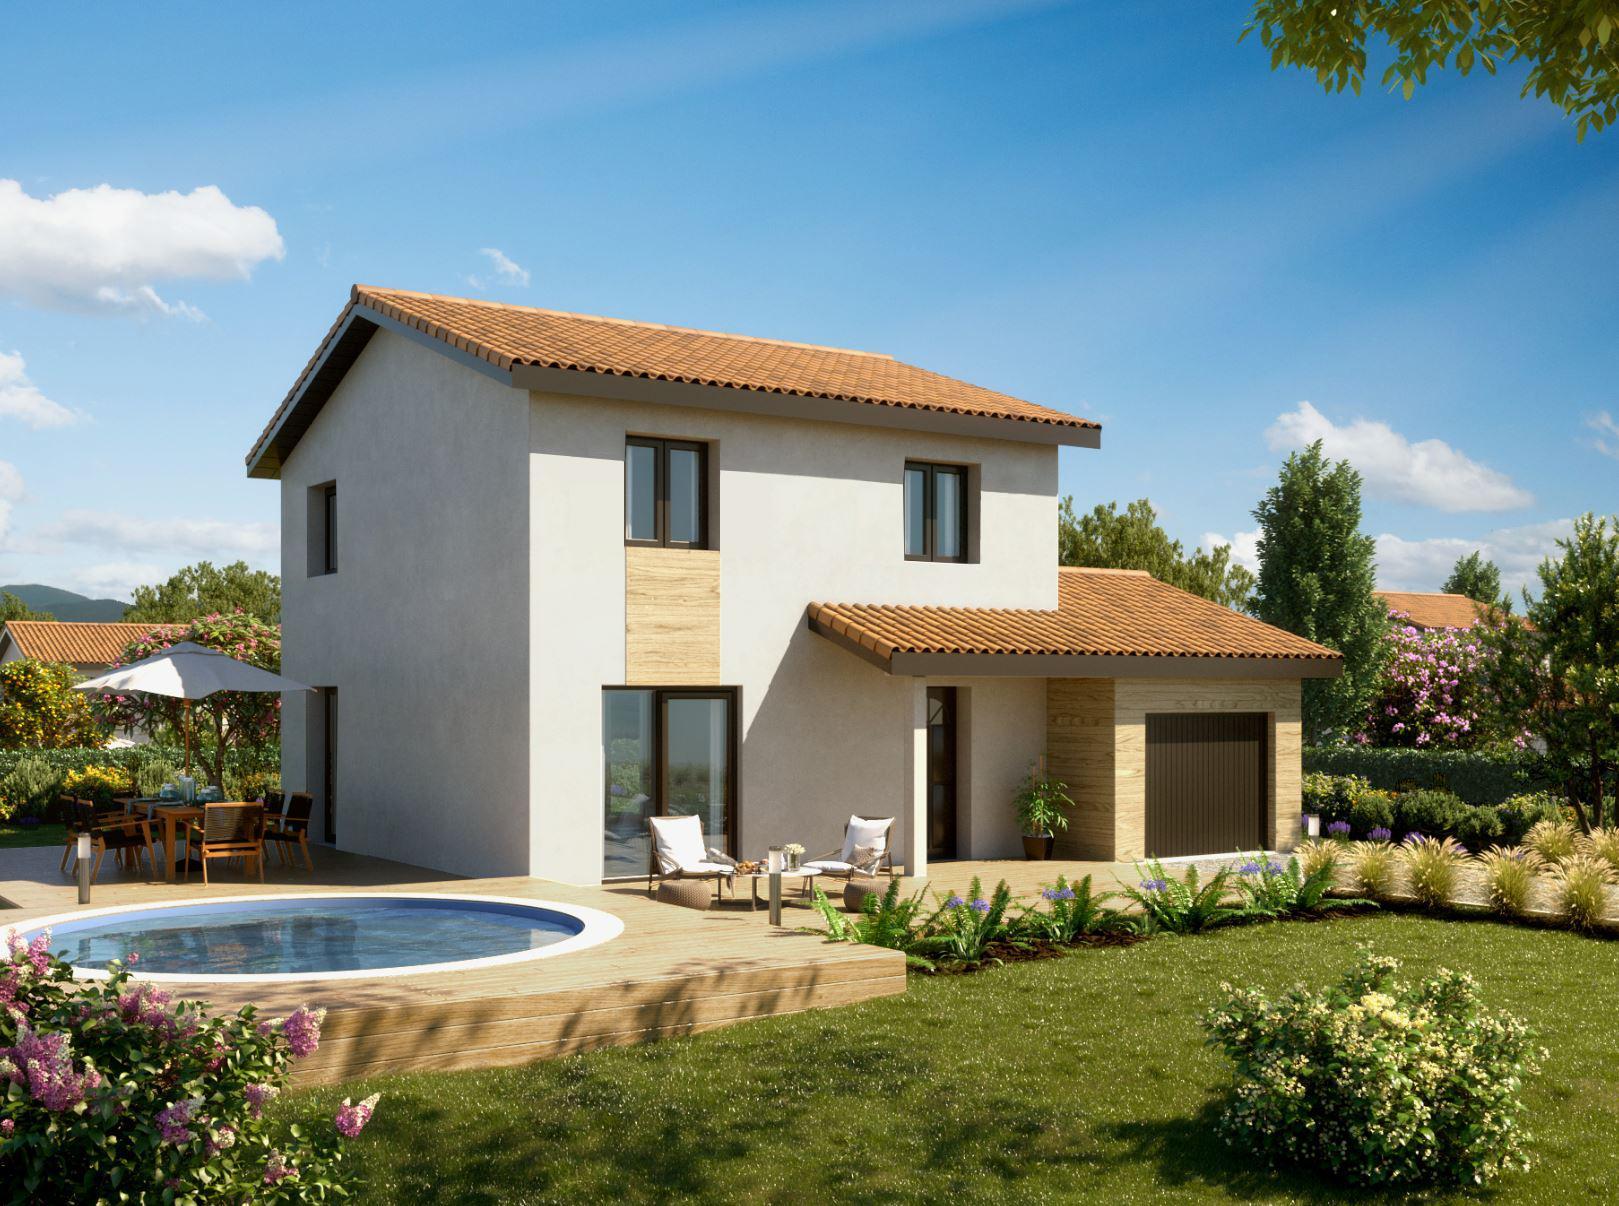 Maisons + Terrains du constructeur MAISONS PUNCH BOURGOIN • 78 m² • LA TOUR DU PIN